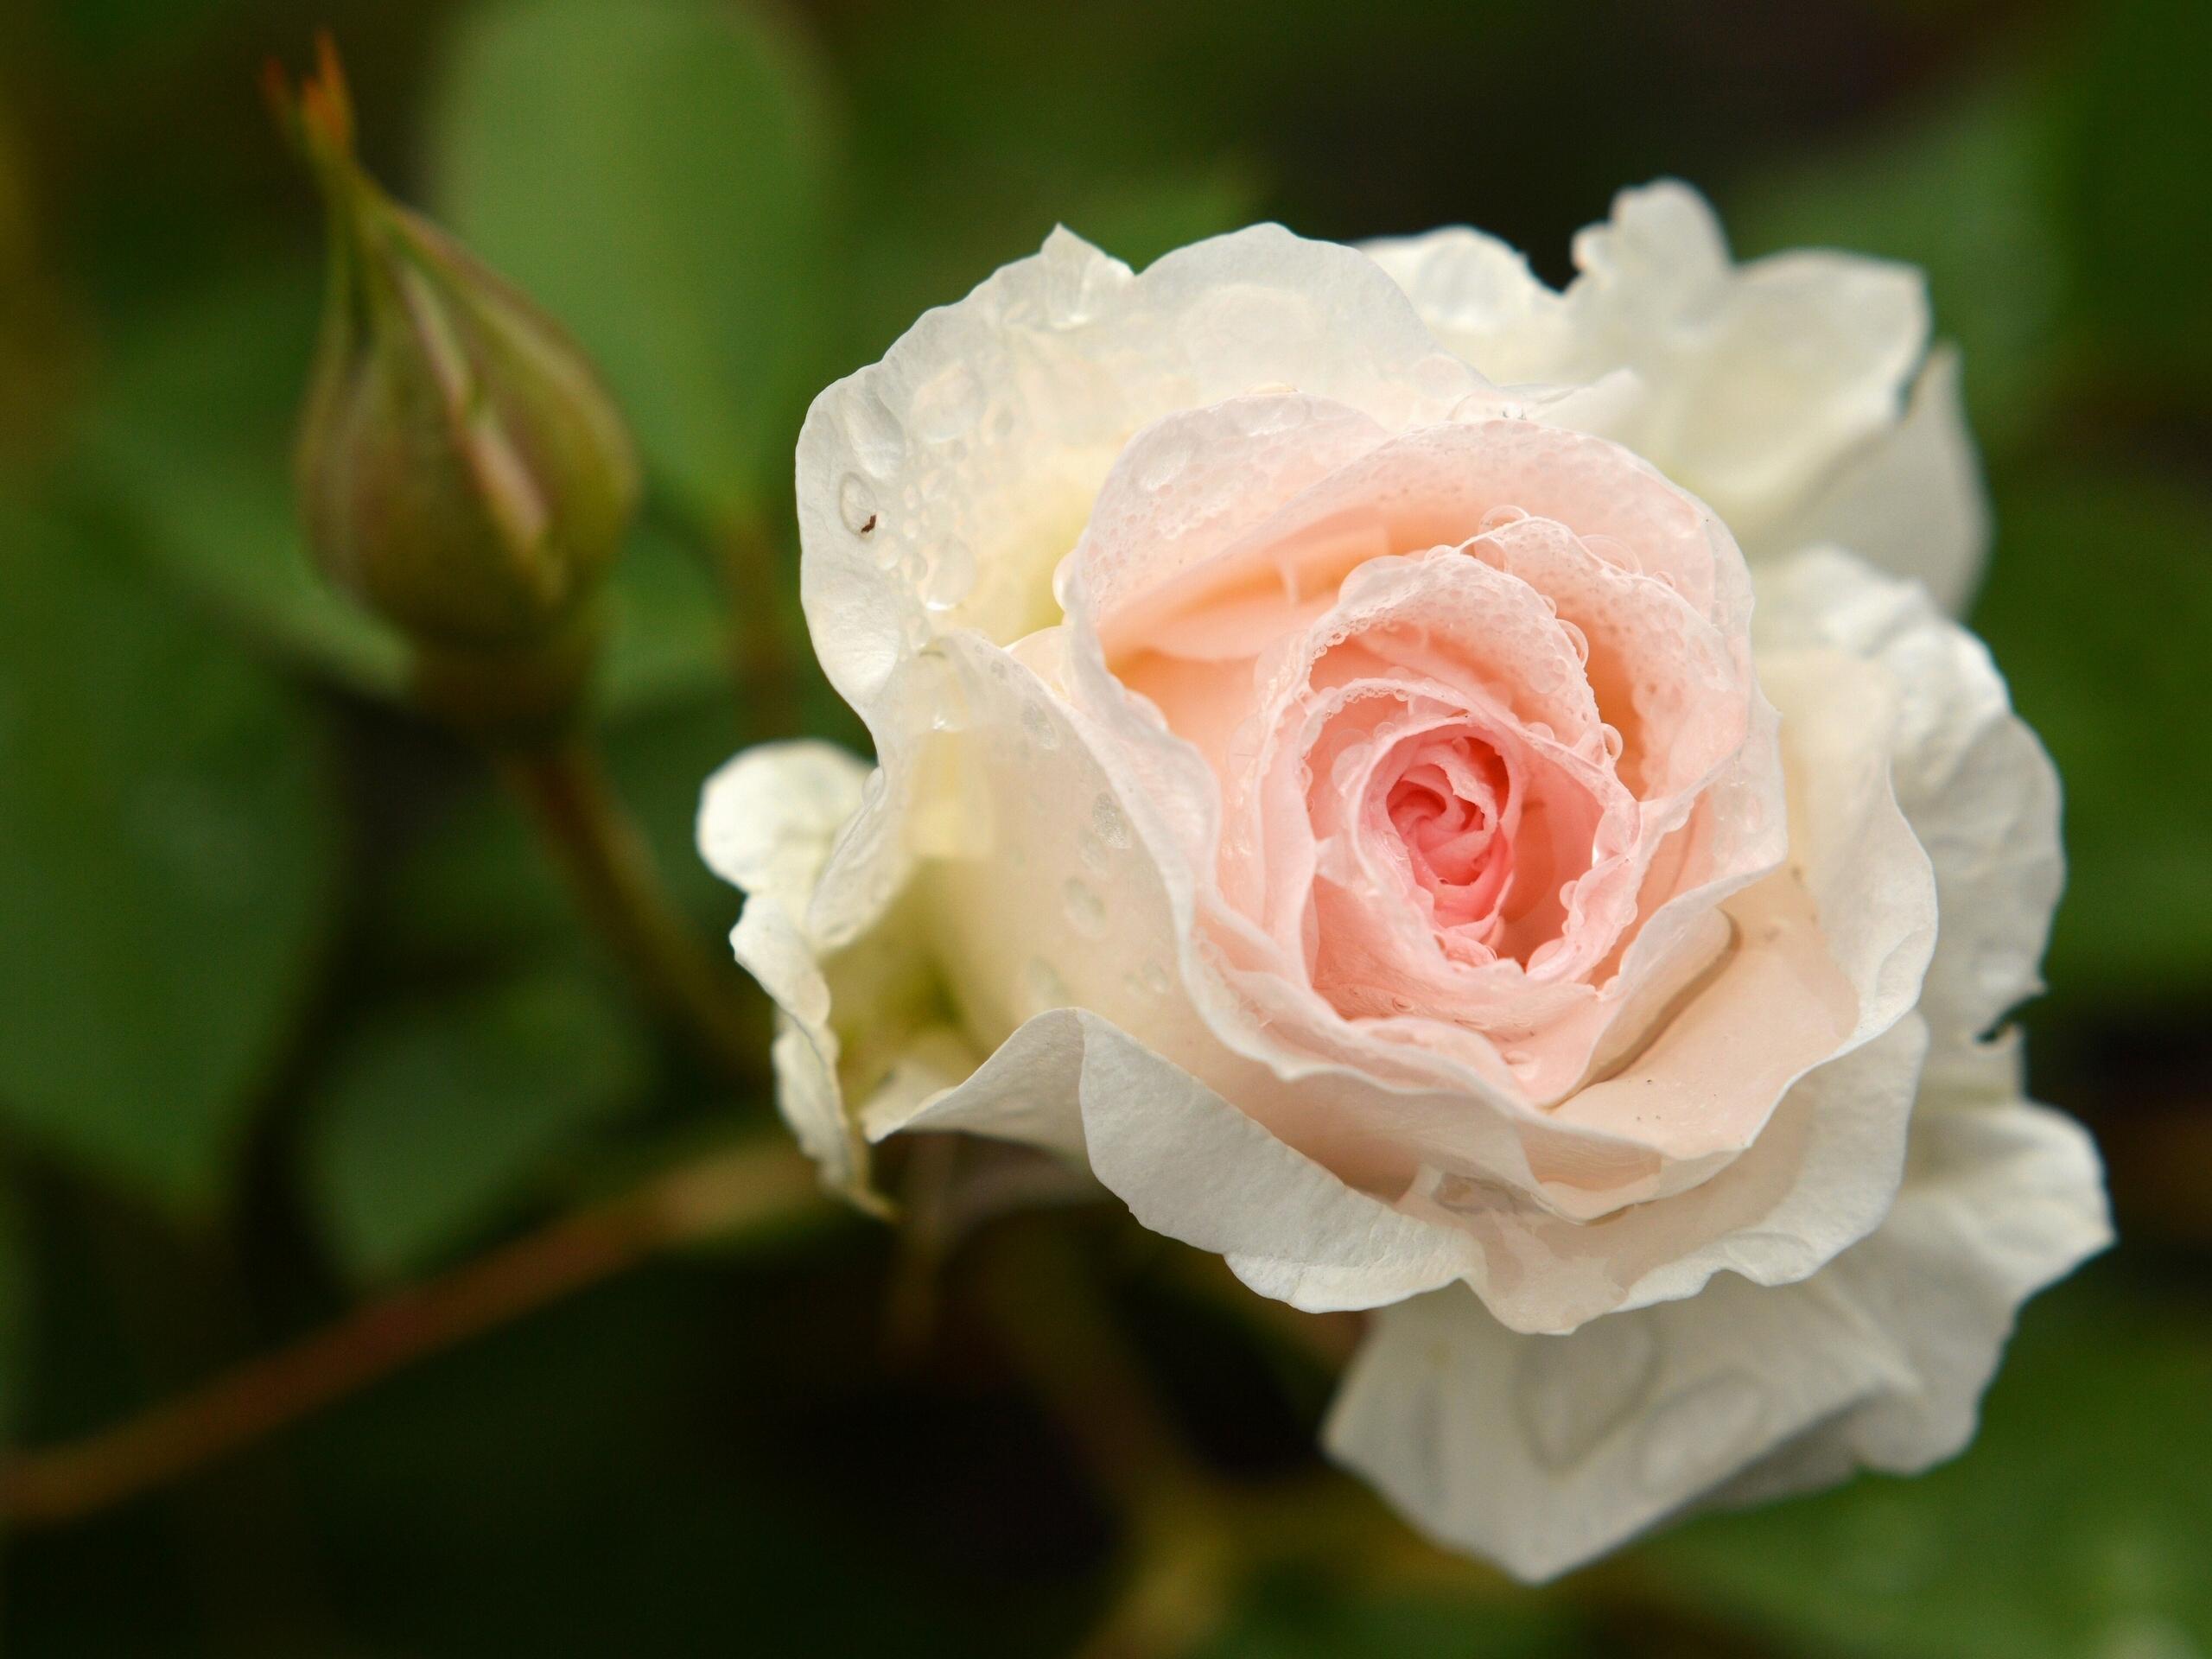 запрос кавычки картинки кремовые бутоны роз можете синхронизировать